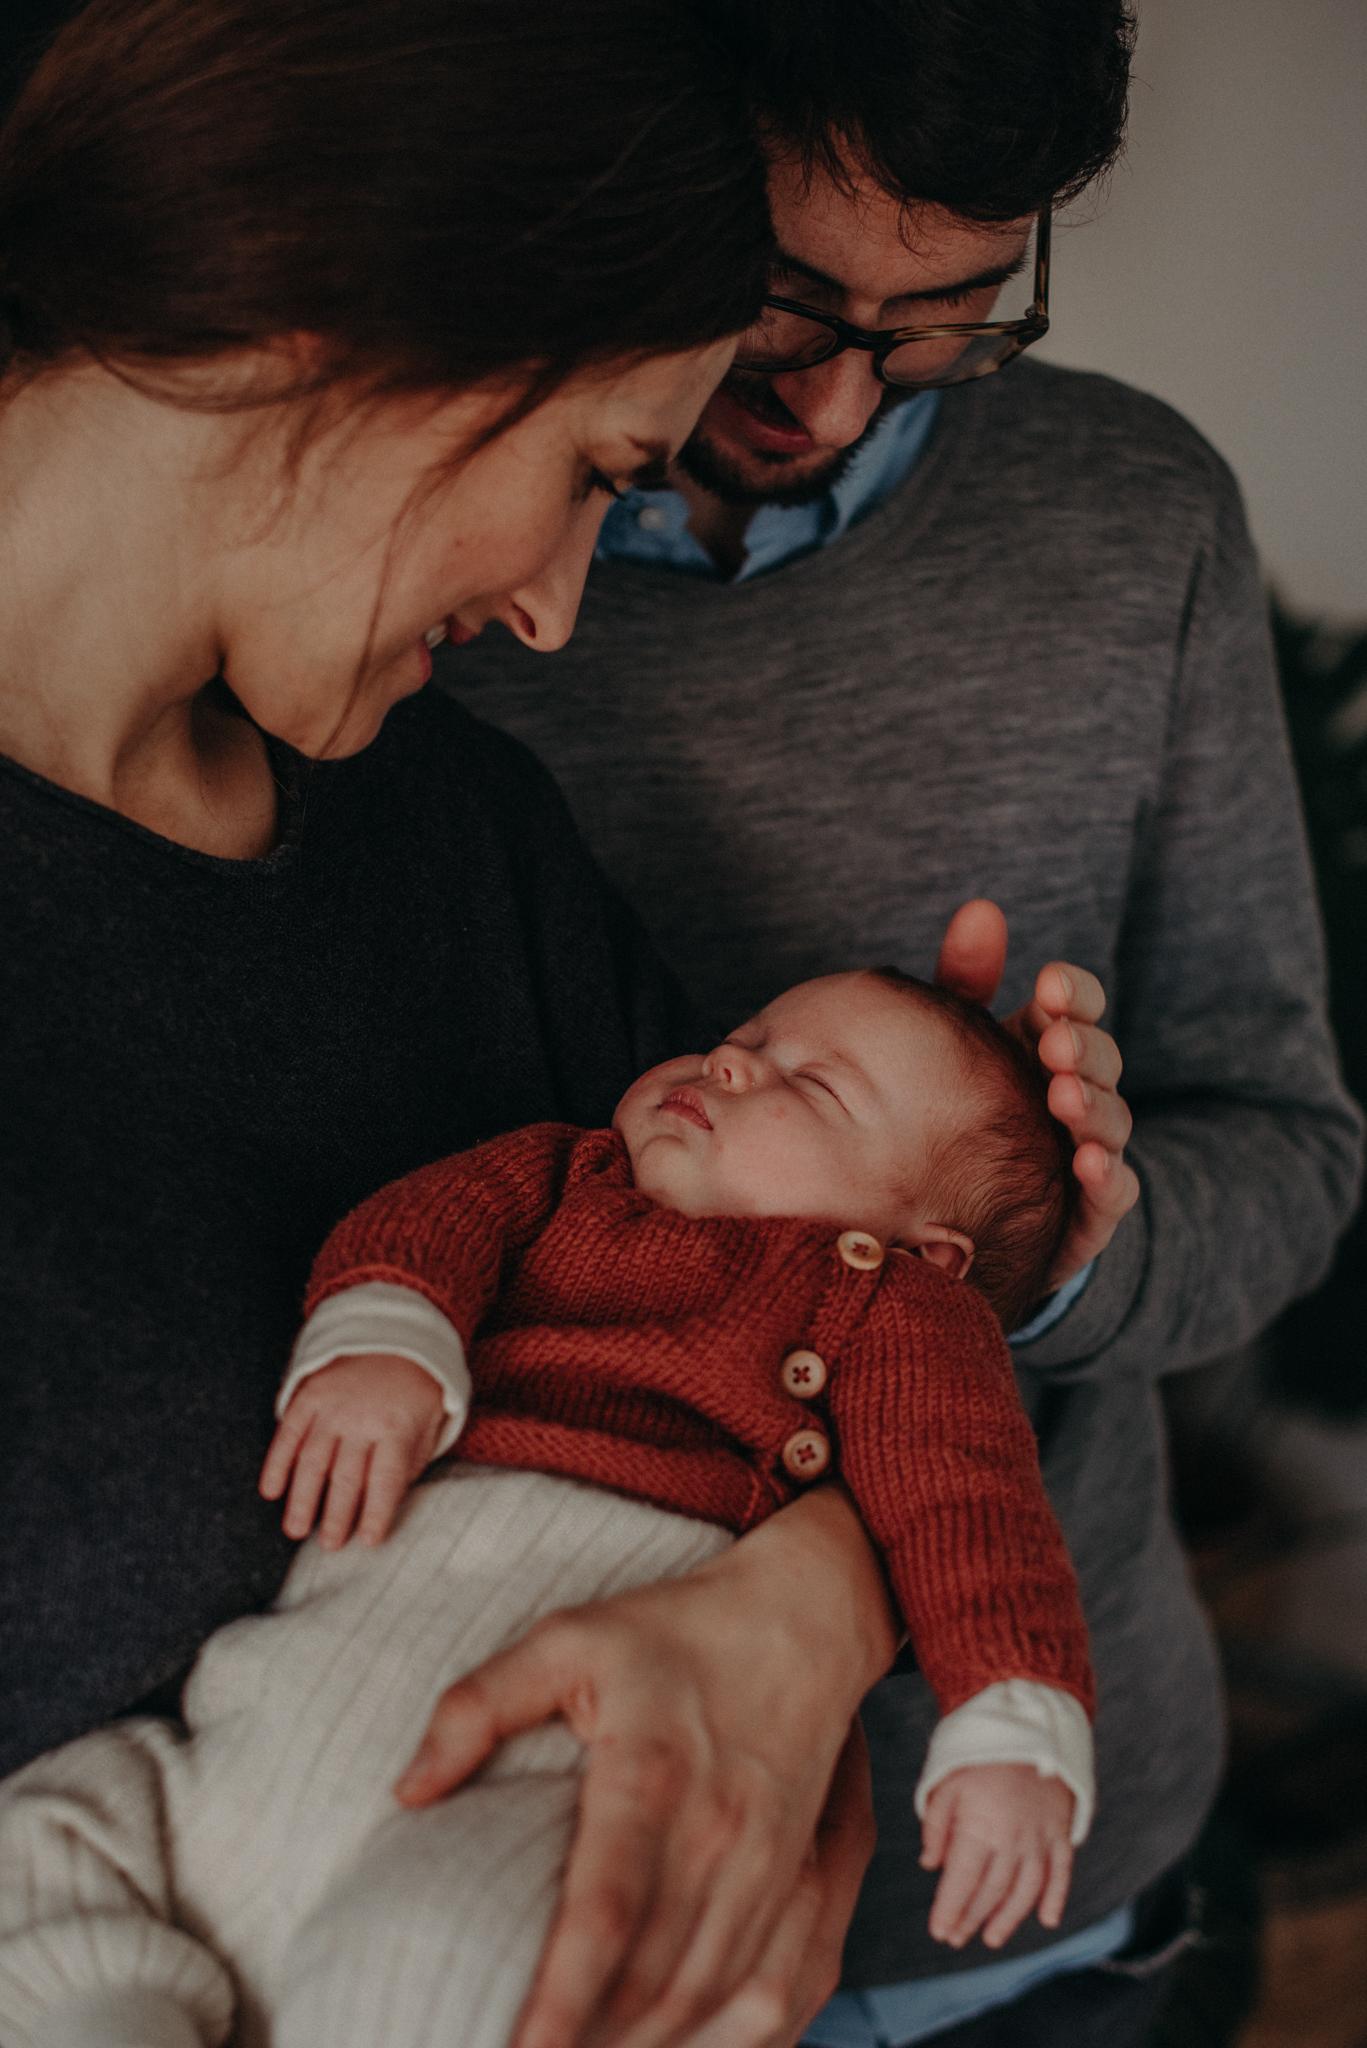 Familienfoto Neugeborenenfoto von schlafendem Baby auf dem Arm der Eltern entstanden bei Babyfotoshooting Zuhause in Freiburg